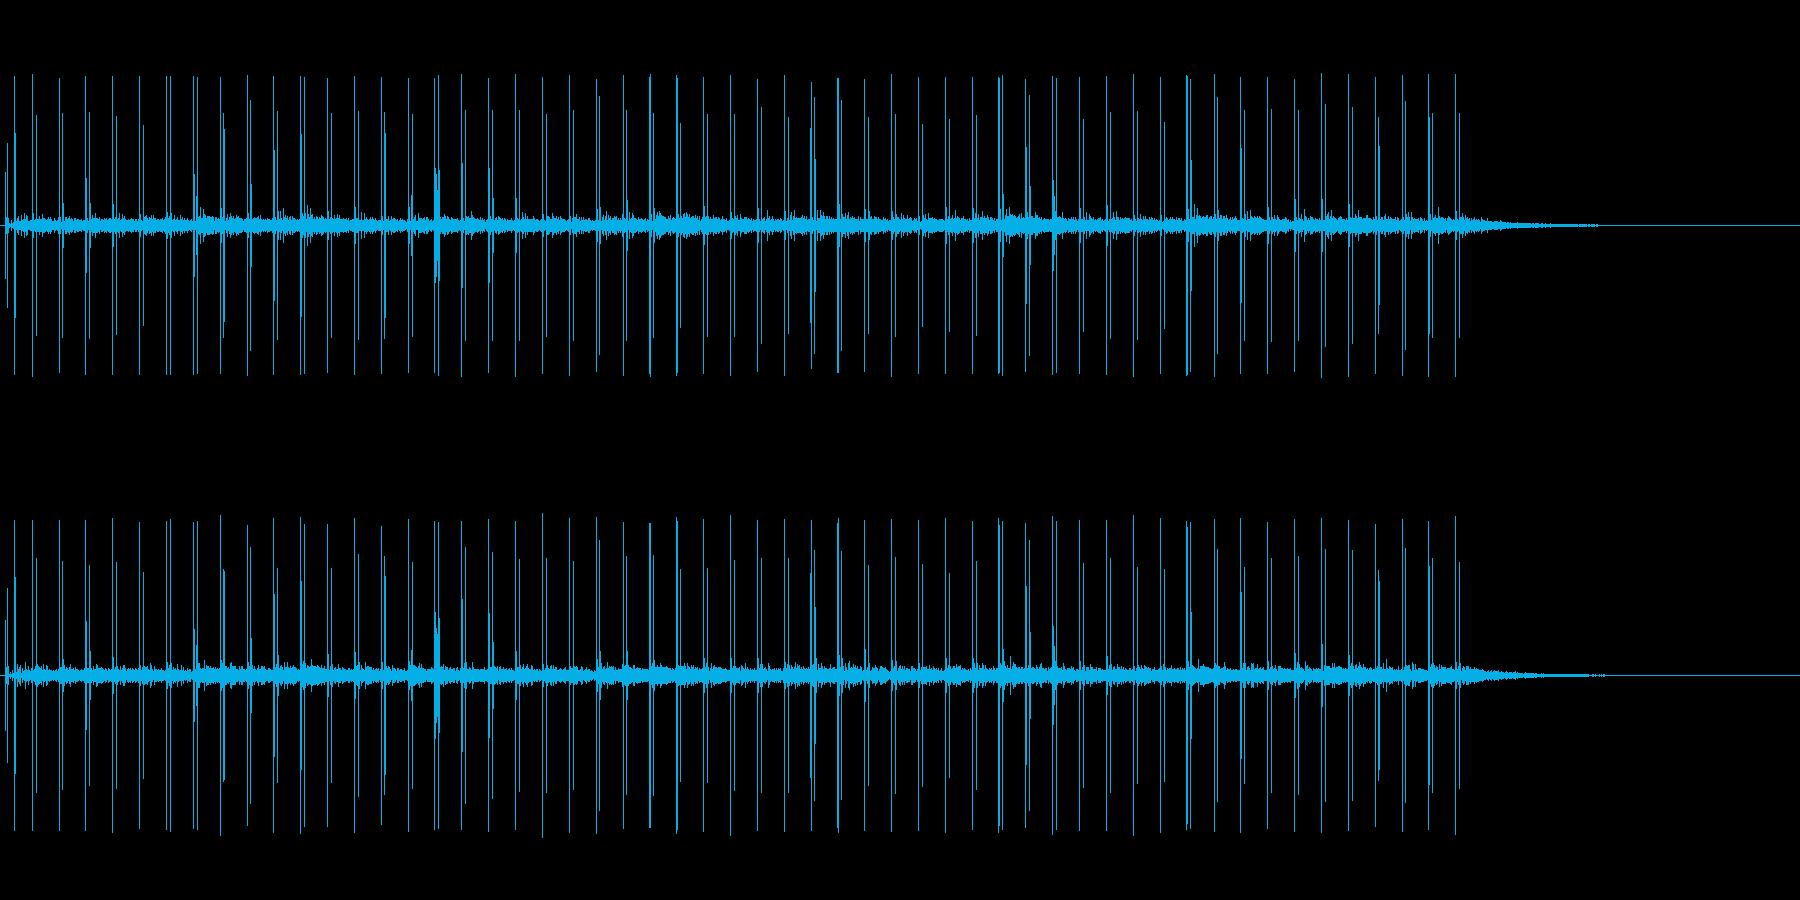 反響音のある、革靴で走る音の再生済みの波形